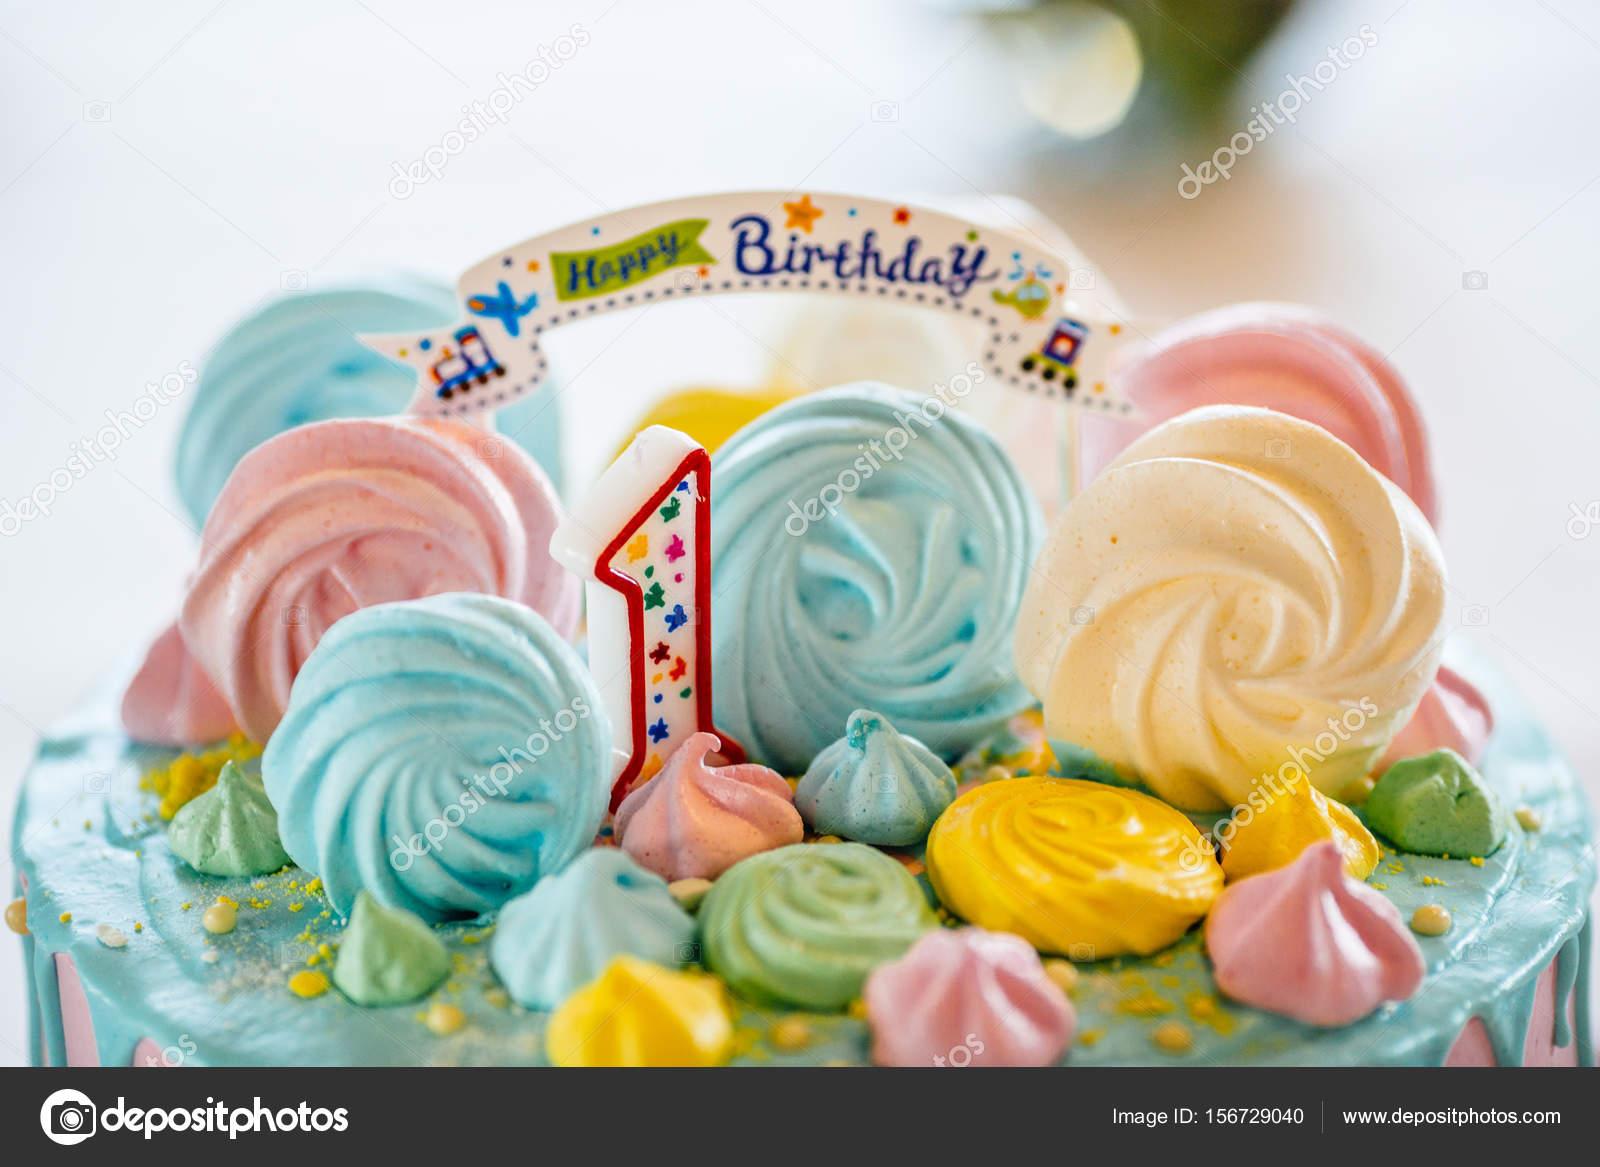 Magnificent Eerste Jaar Verjaardagstaart Stockfoto C Vaksmanv101 156729040 Funny Birthday Cards Online Alyptdamsfinfo